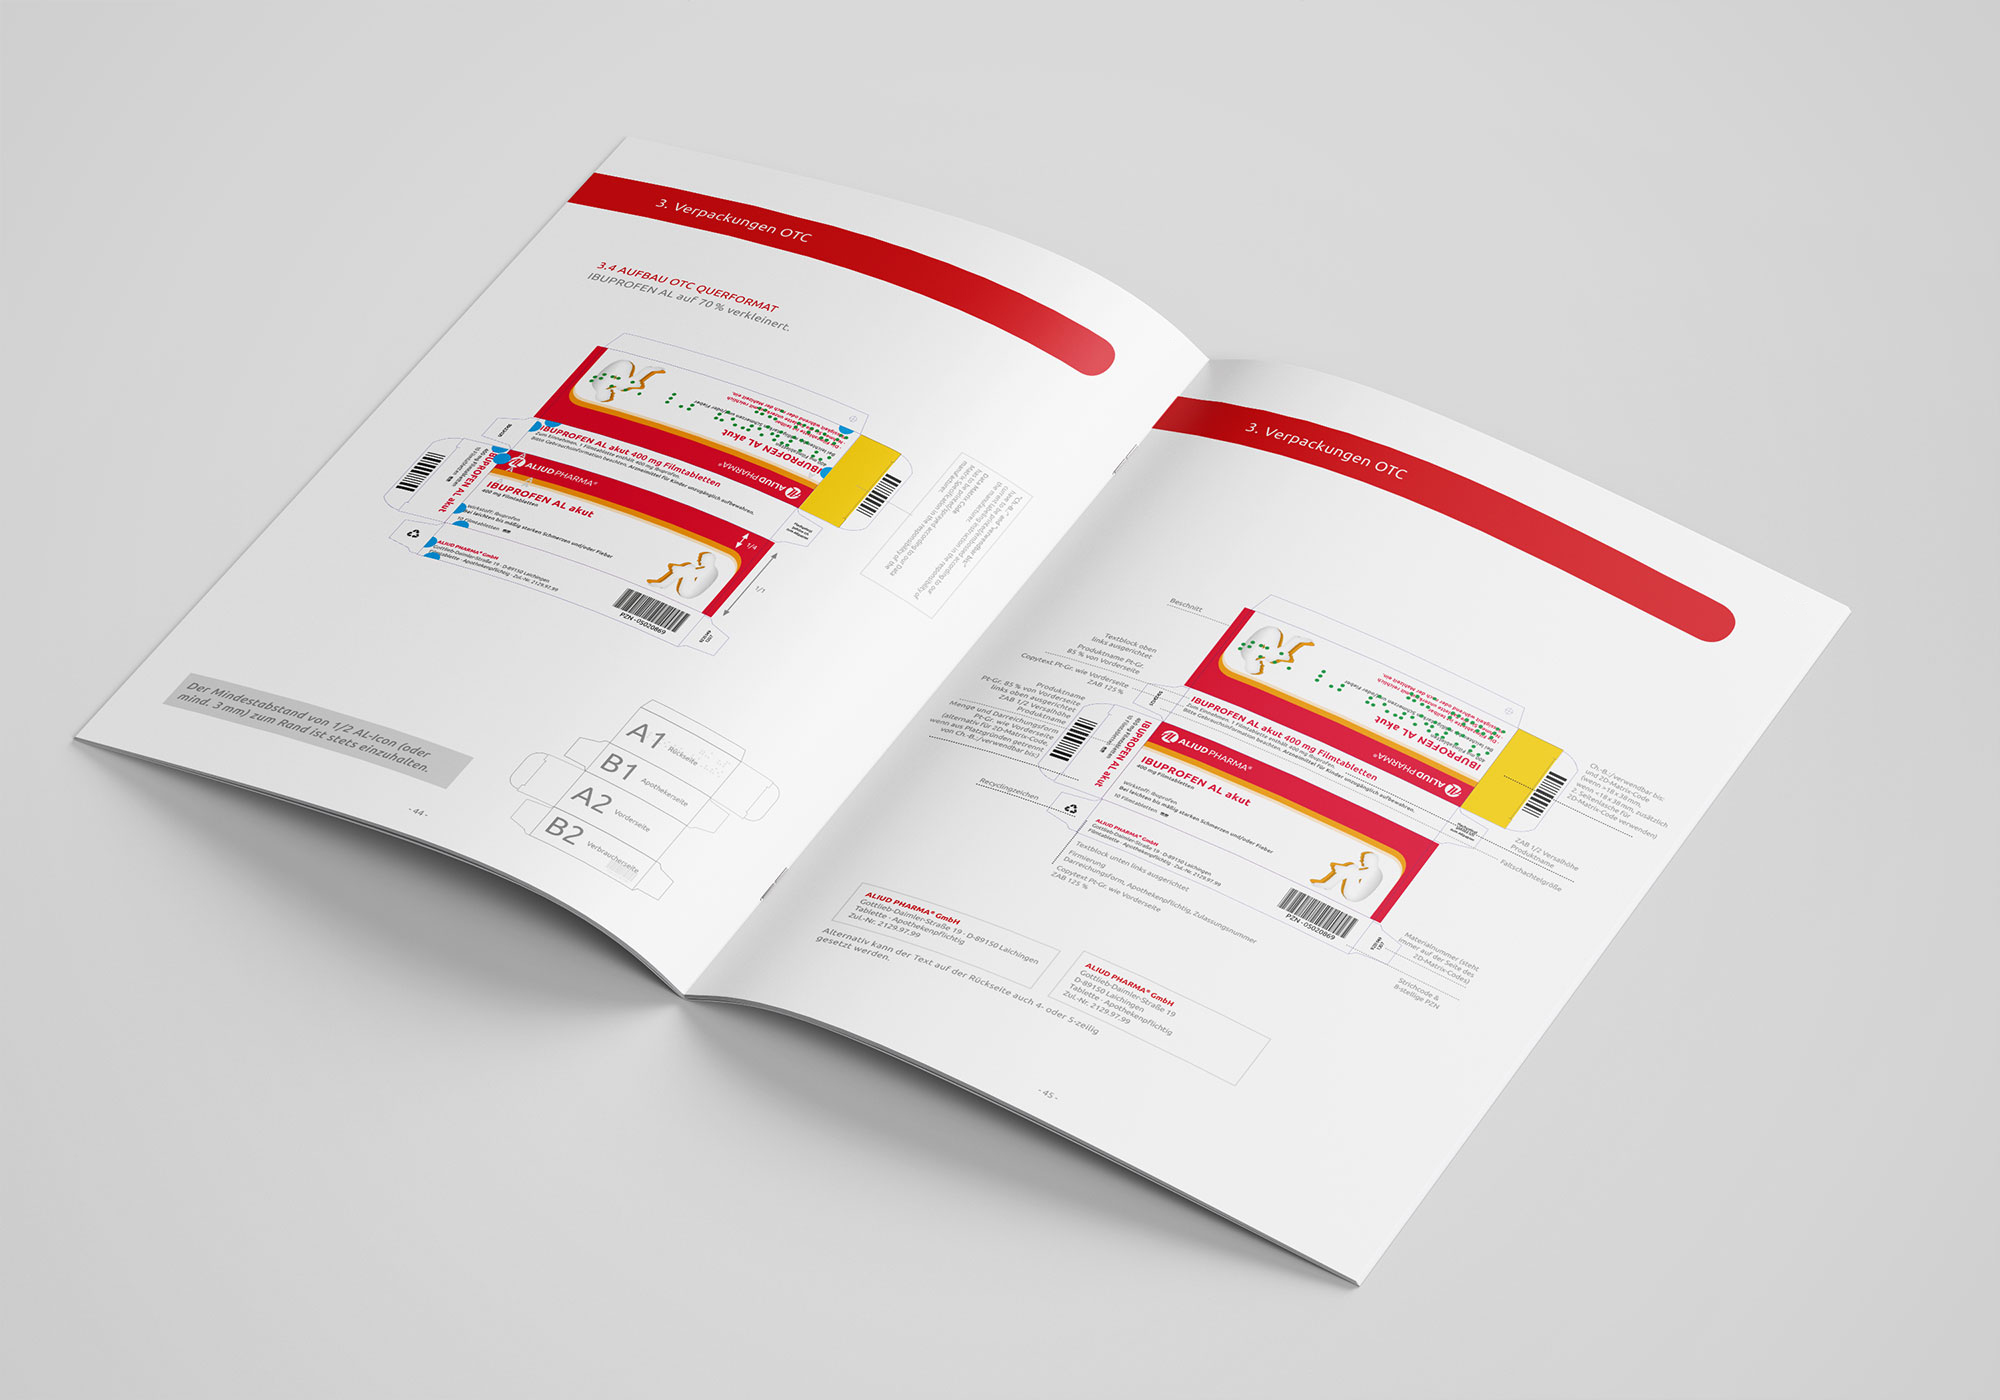 002_CD_Manual